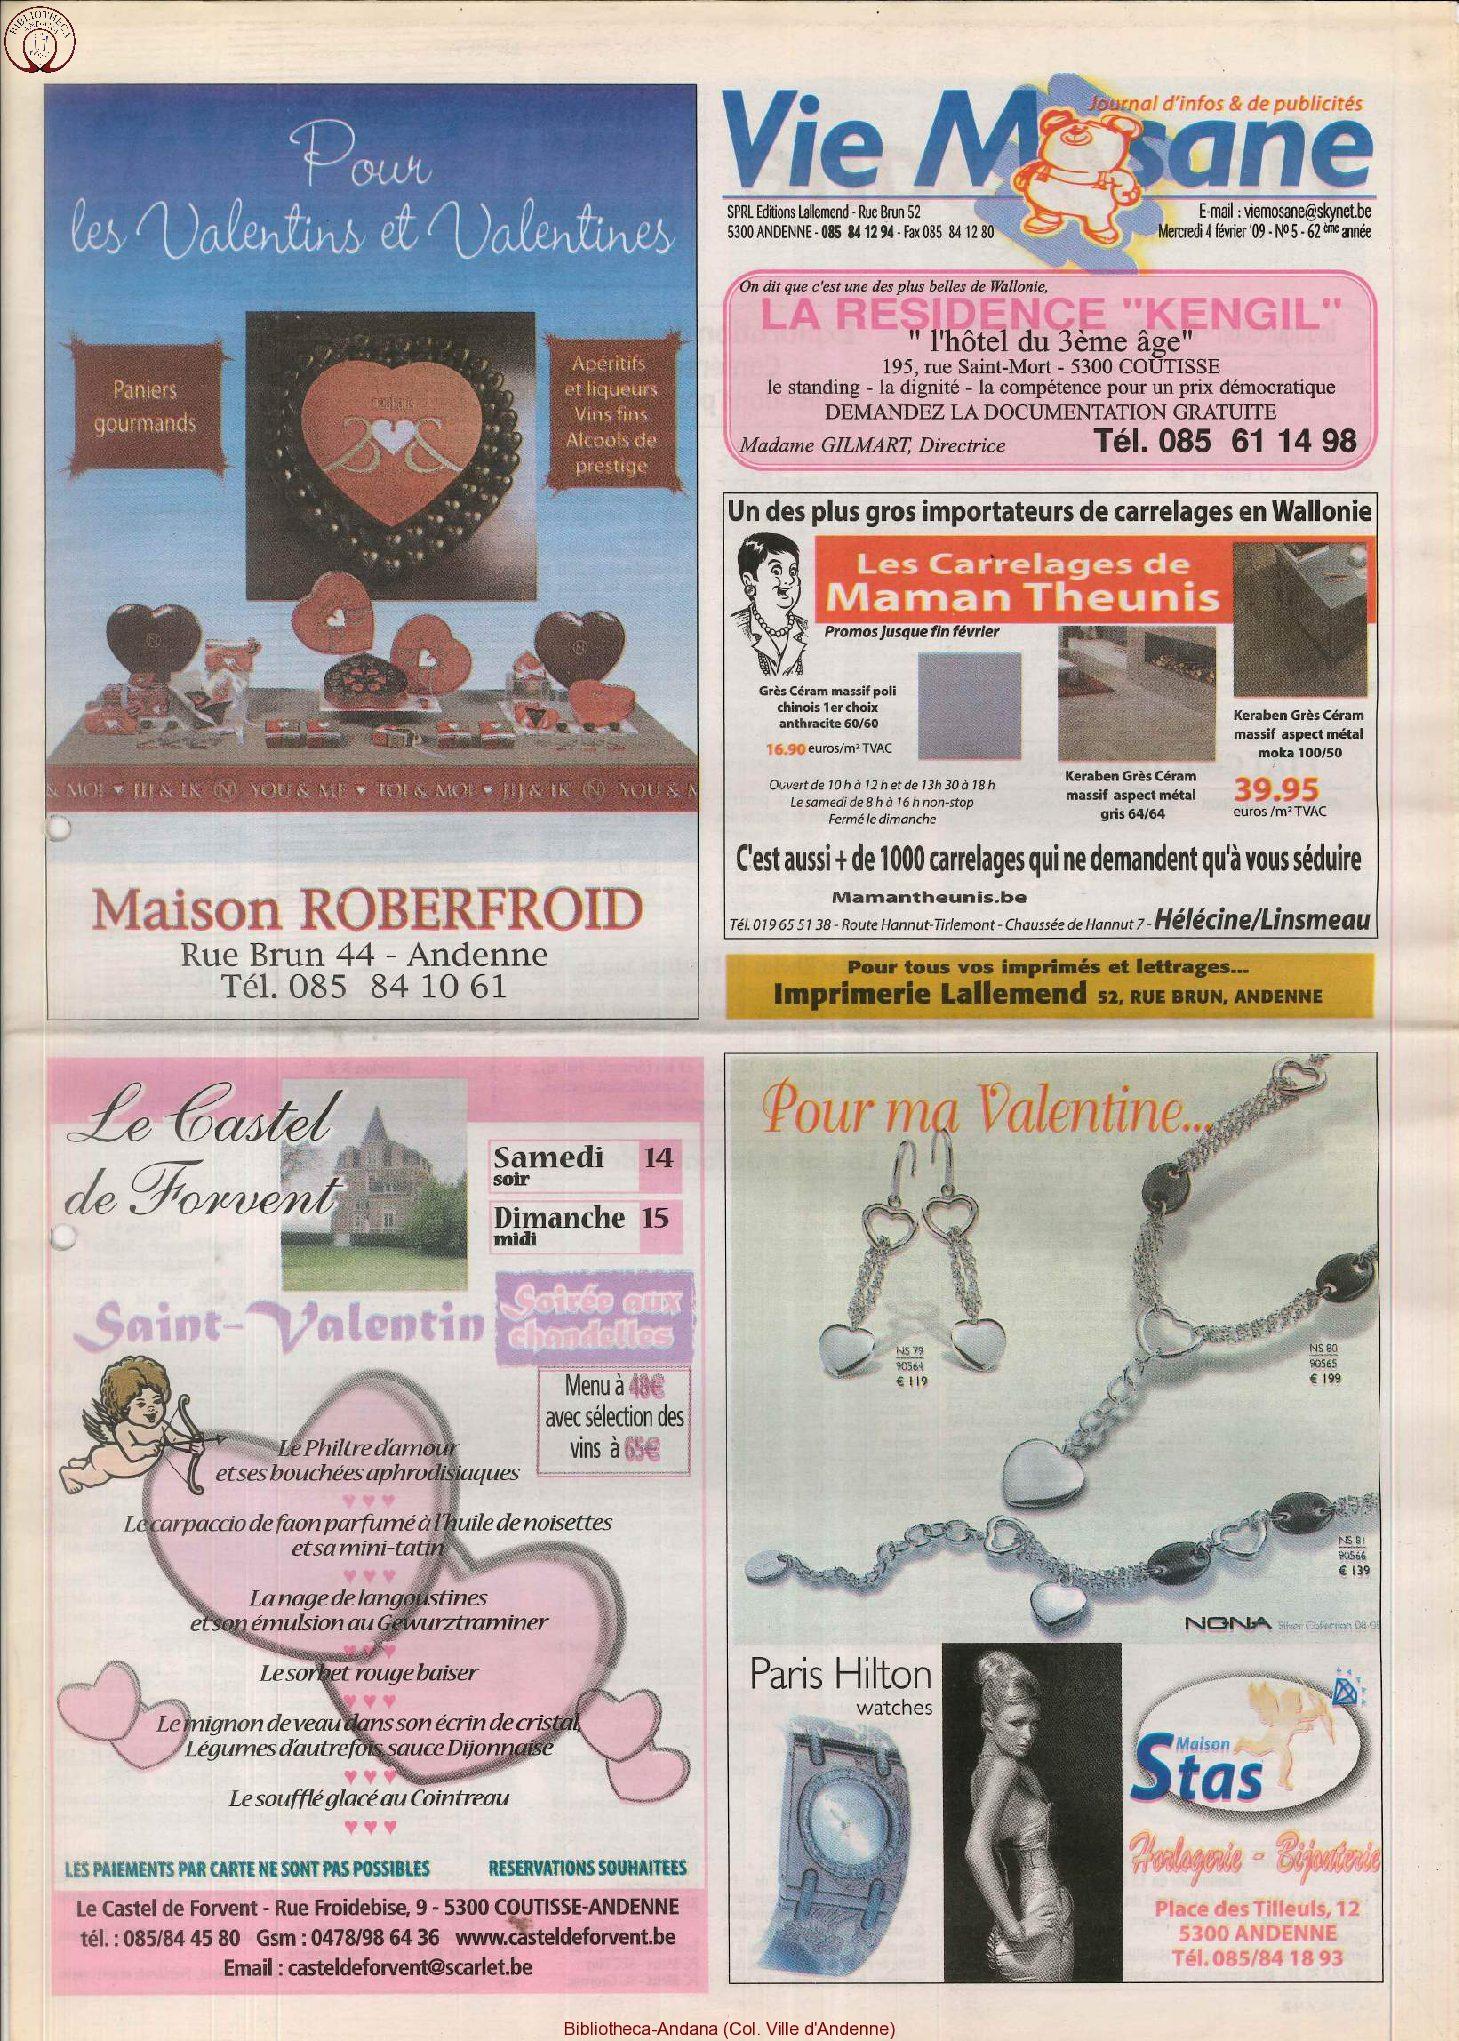 62e année - n°5 - 4 février 2009